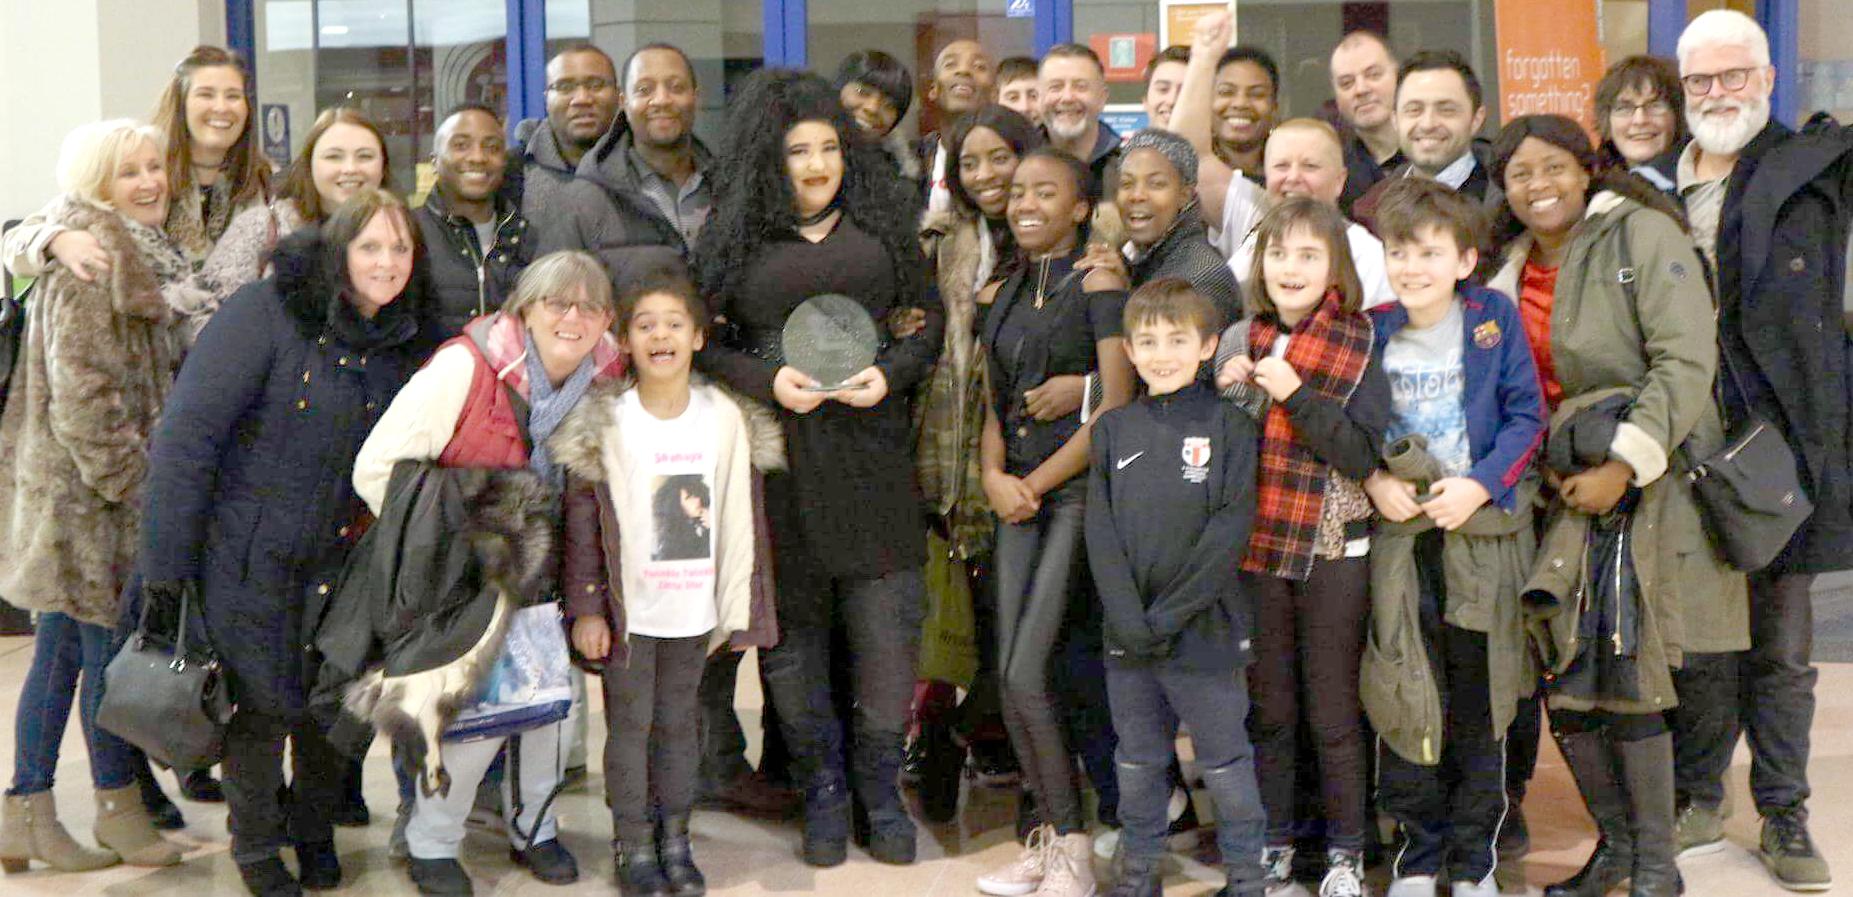 Shanaya Brings National Singing Trophy Home